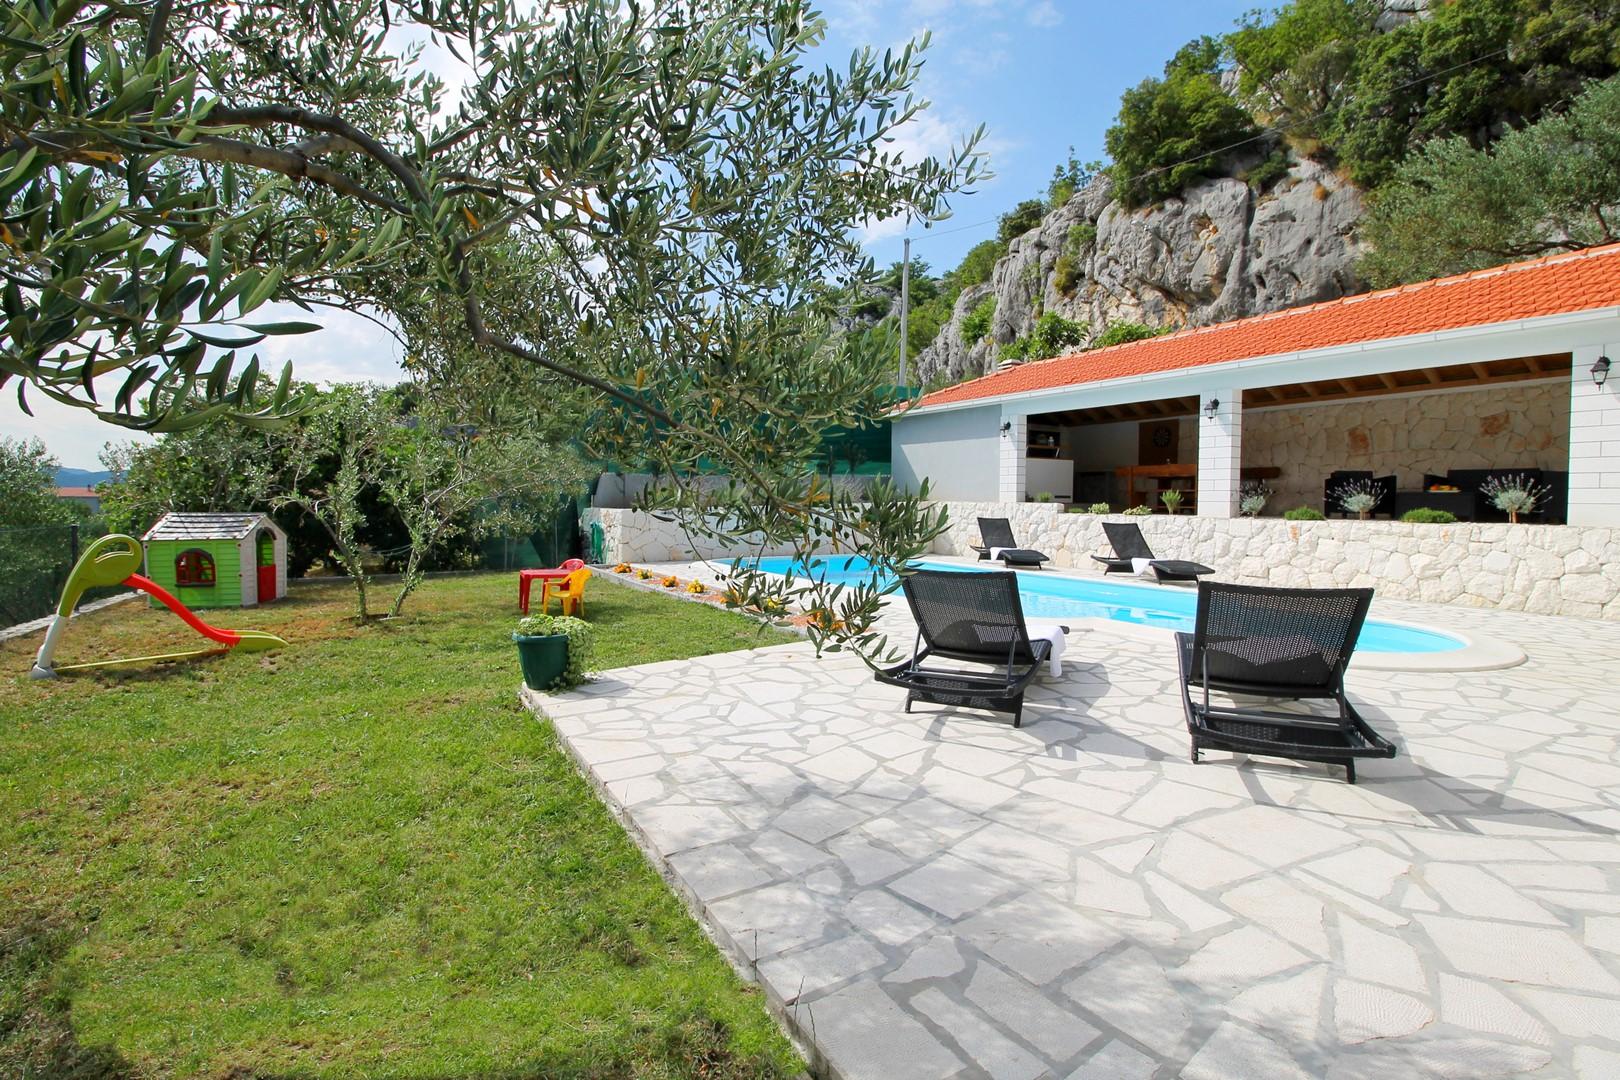 Ferienhaus Privater Pool 3,5 x 8,6 m, überdachter Essbereich im Freien, kostenloses WLAN, voll - klim (2663850), Kostanje, , Dalmatien, Kroatien, Bild 3